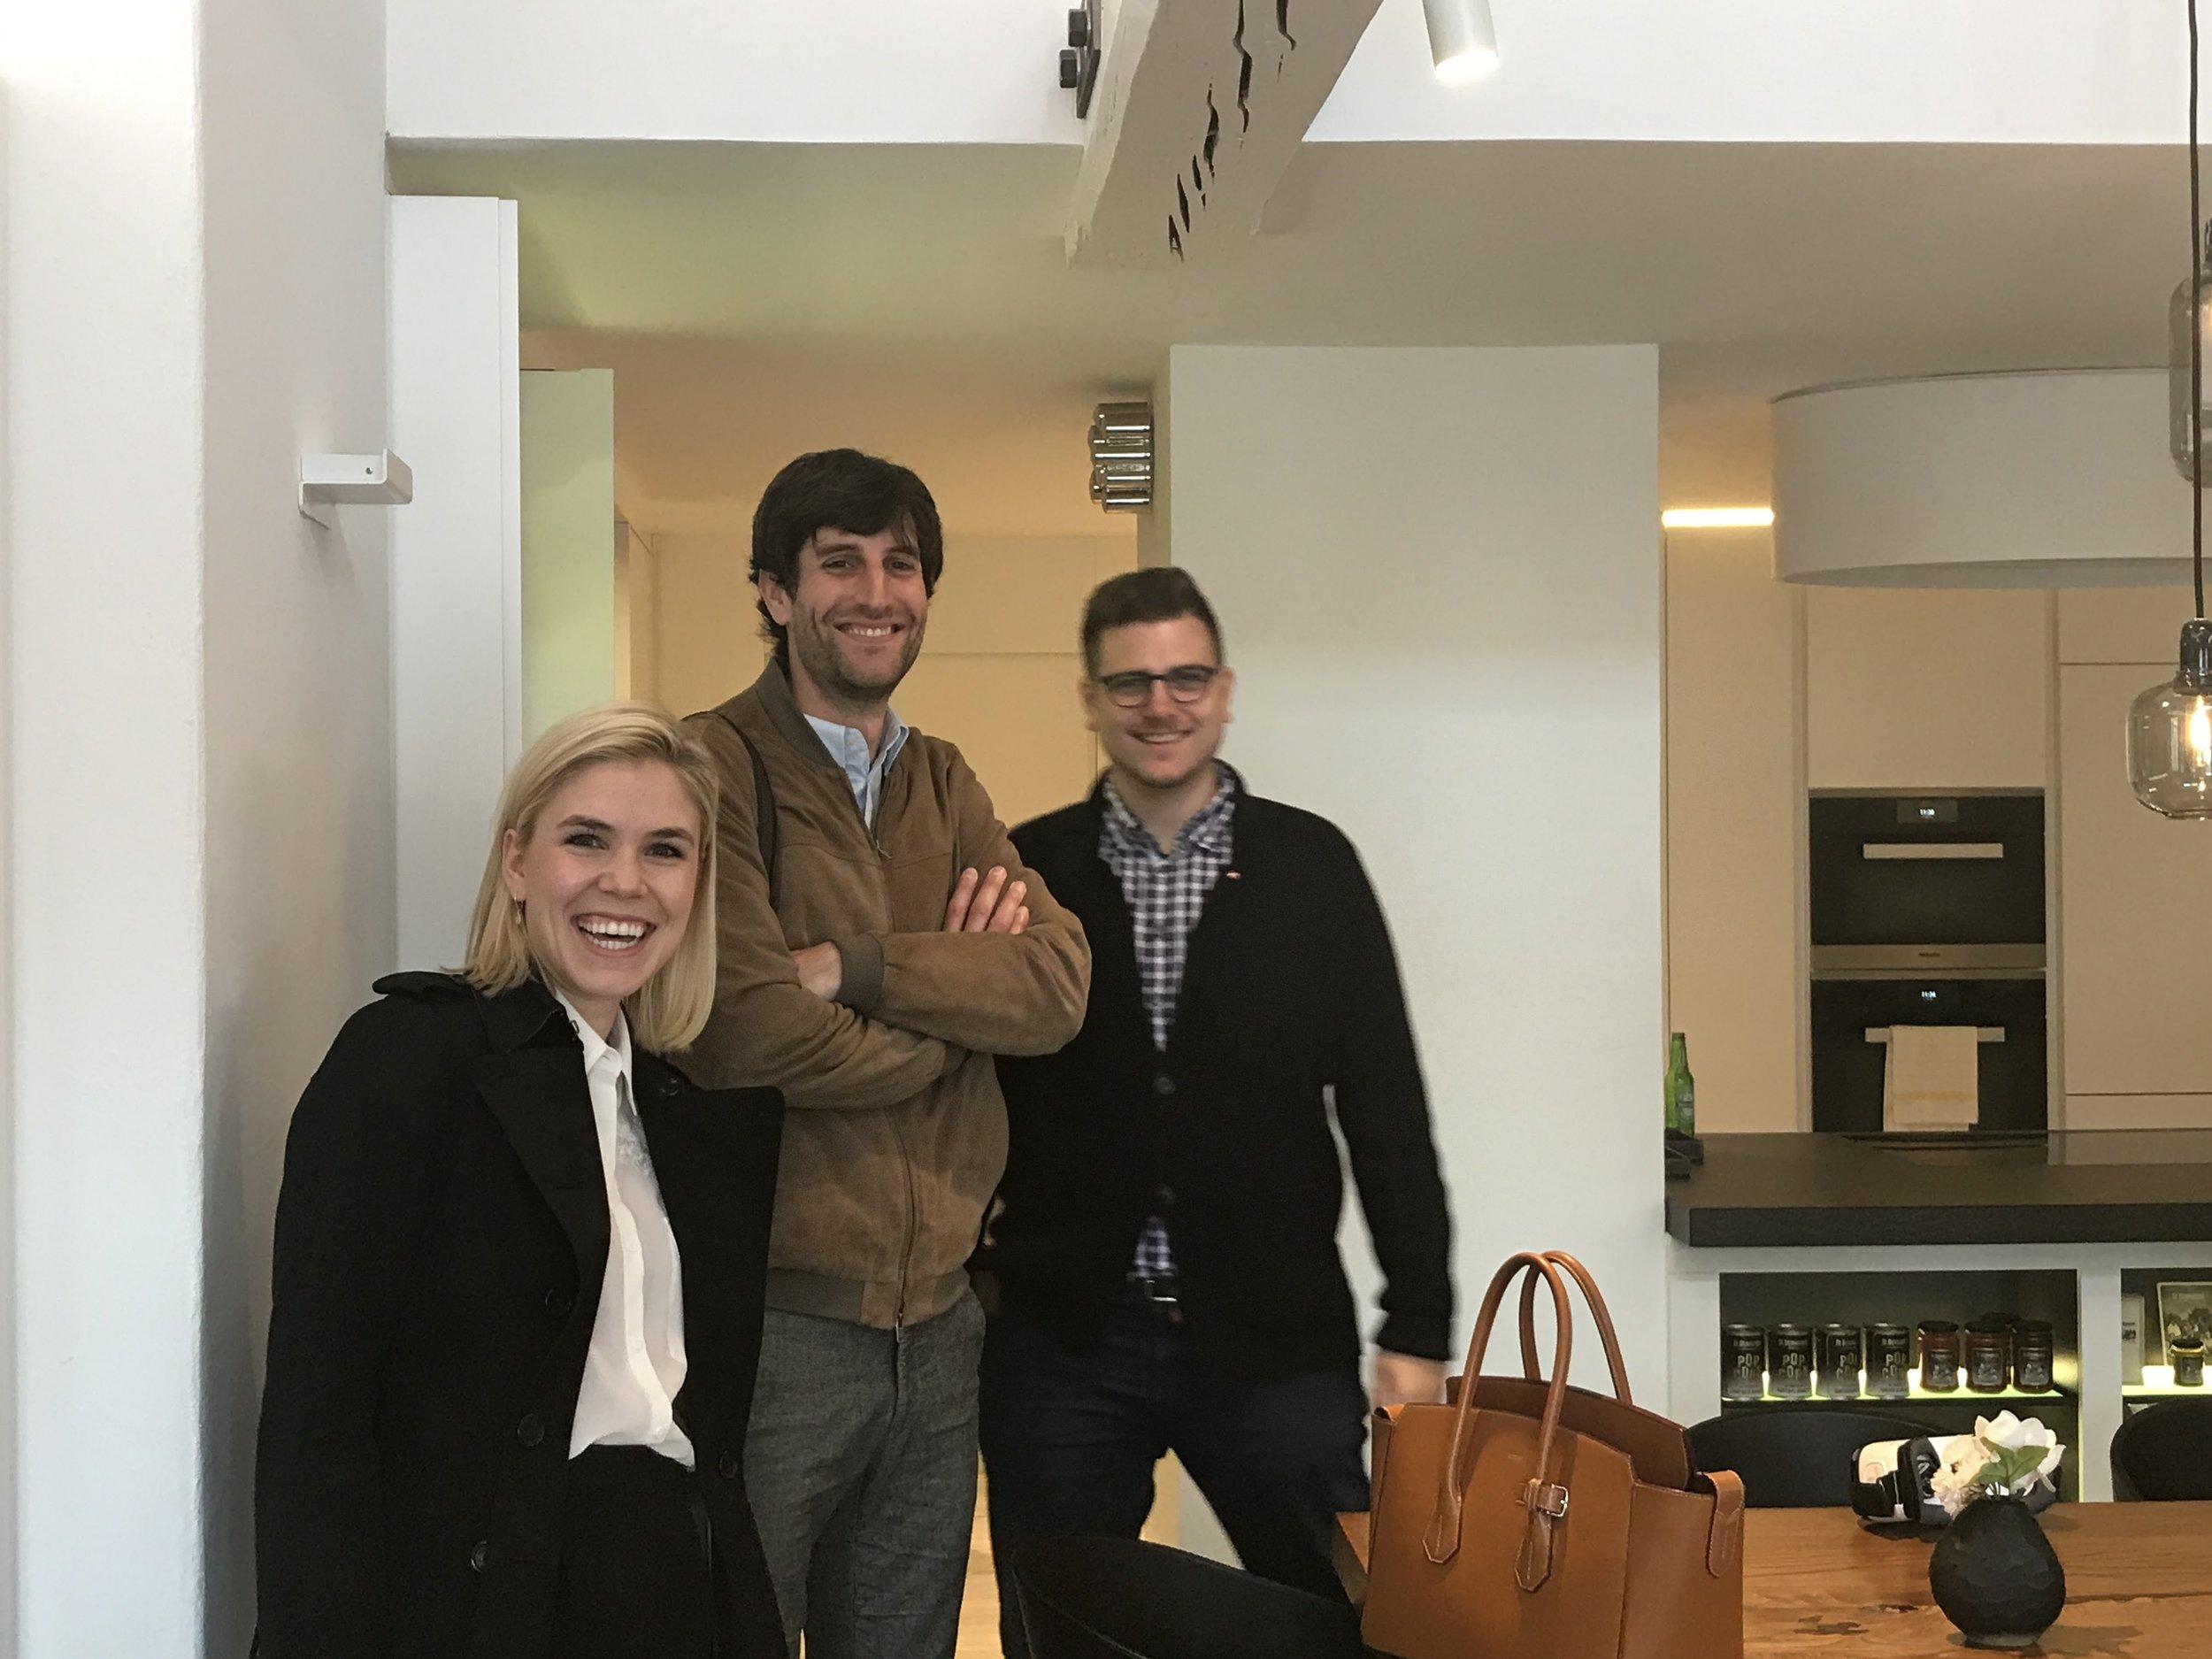 Madeleine Fallegger, PR-Mann Claudio Looser von FurrerHugi und Le Bijou-CEO Alexander Hübner (r.) in der Le Bijou-Vorzeige-Wohnung MH6 in der Zürcher Altstadt.